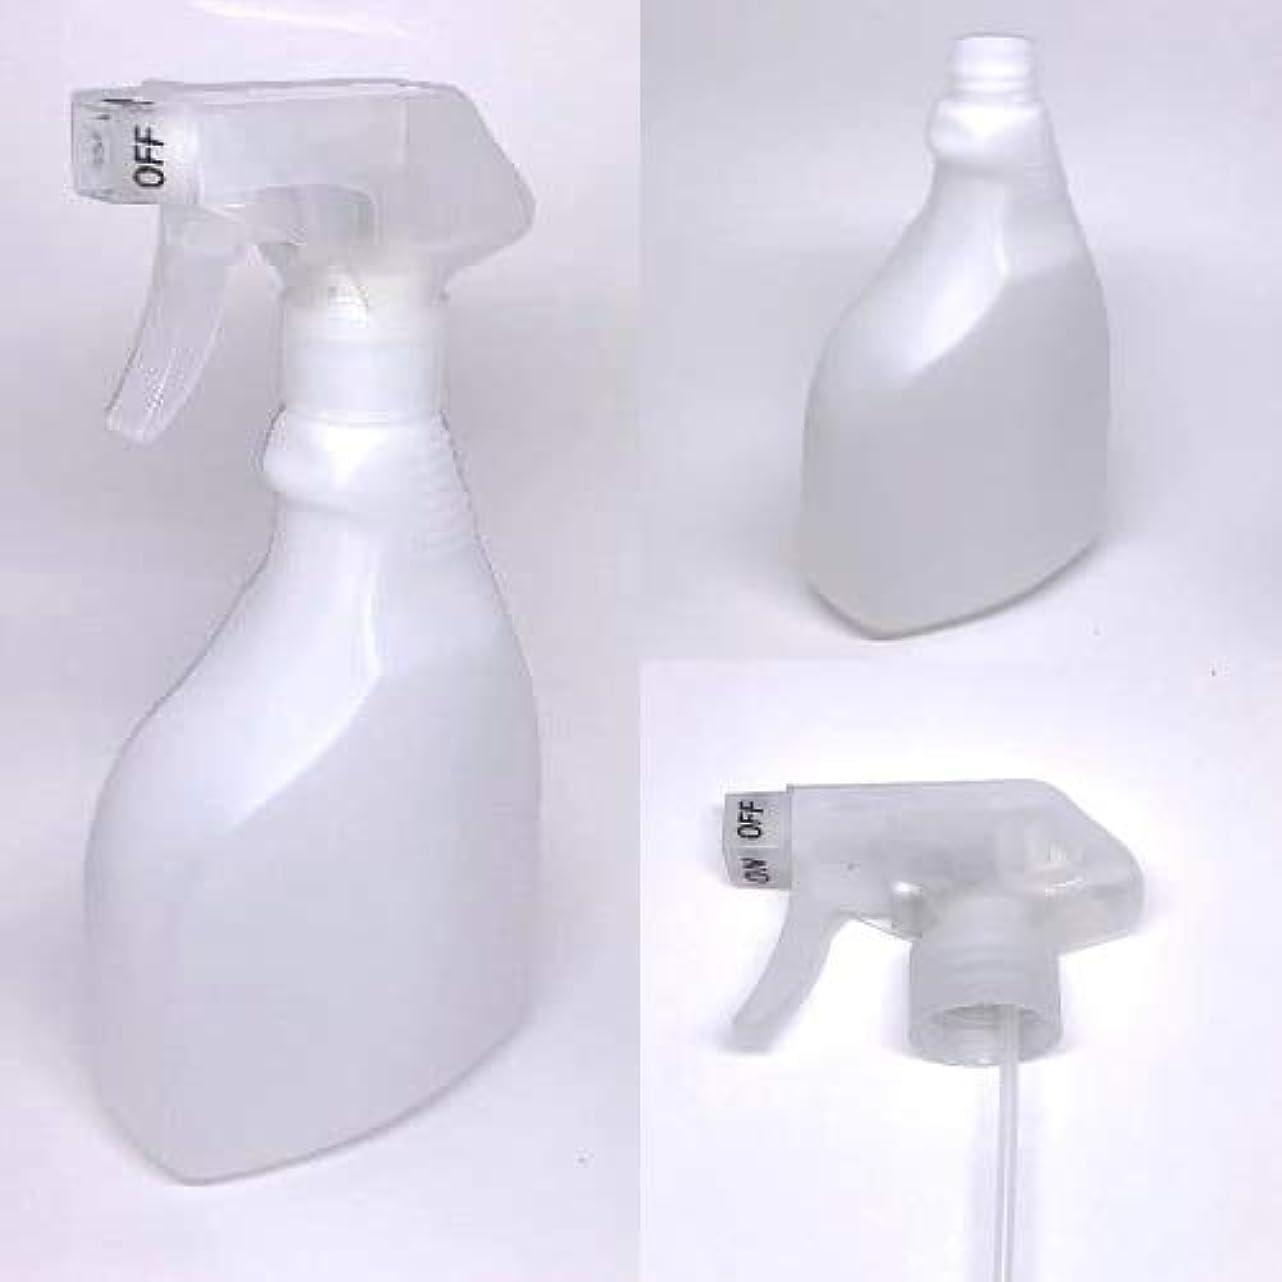 ウサギ定期的にパイントスプレーボトル 500ml/アルコール製剤、消毒用アルコール等の詰替えに (ナチュラルホワイト)【ボトル?容器】【いまじん】